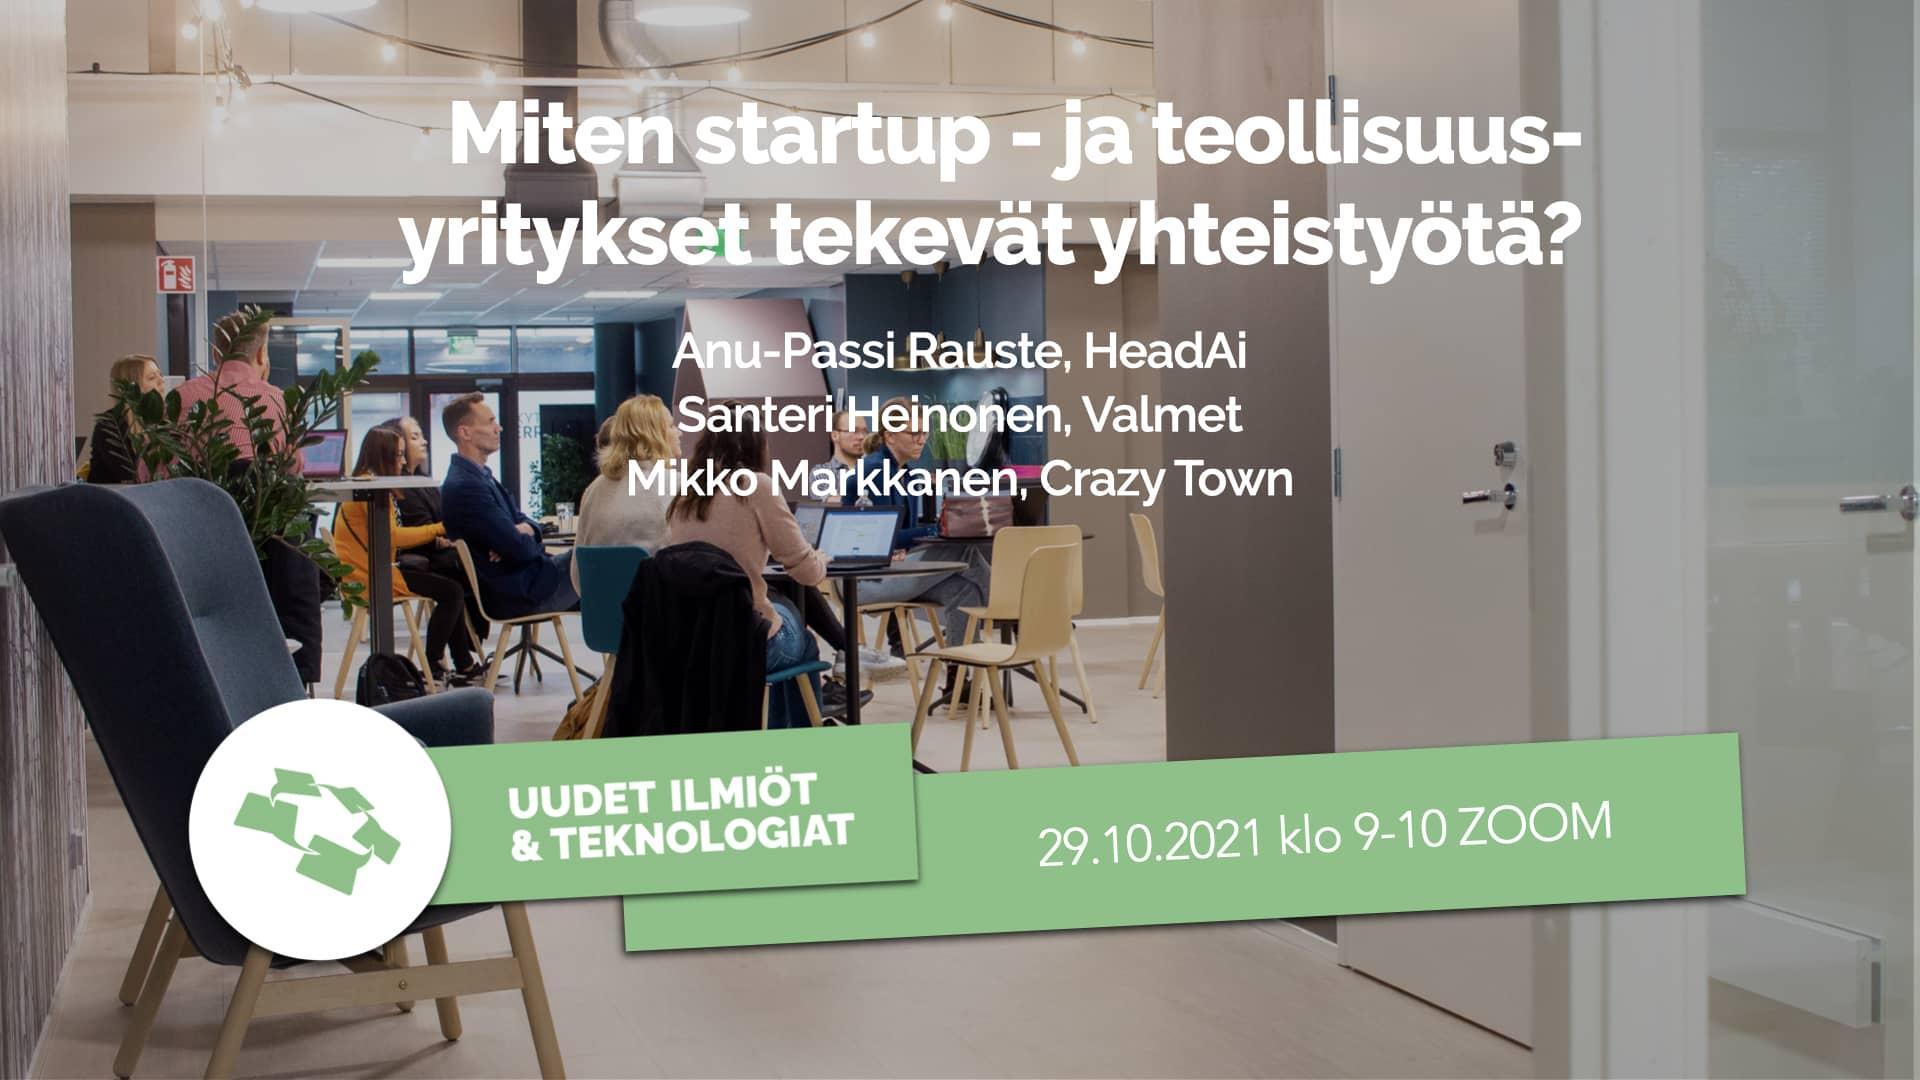 Startup ja teollisuusyritykset yhteistyö CT Talk